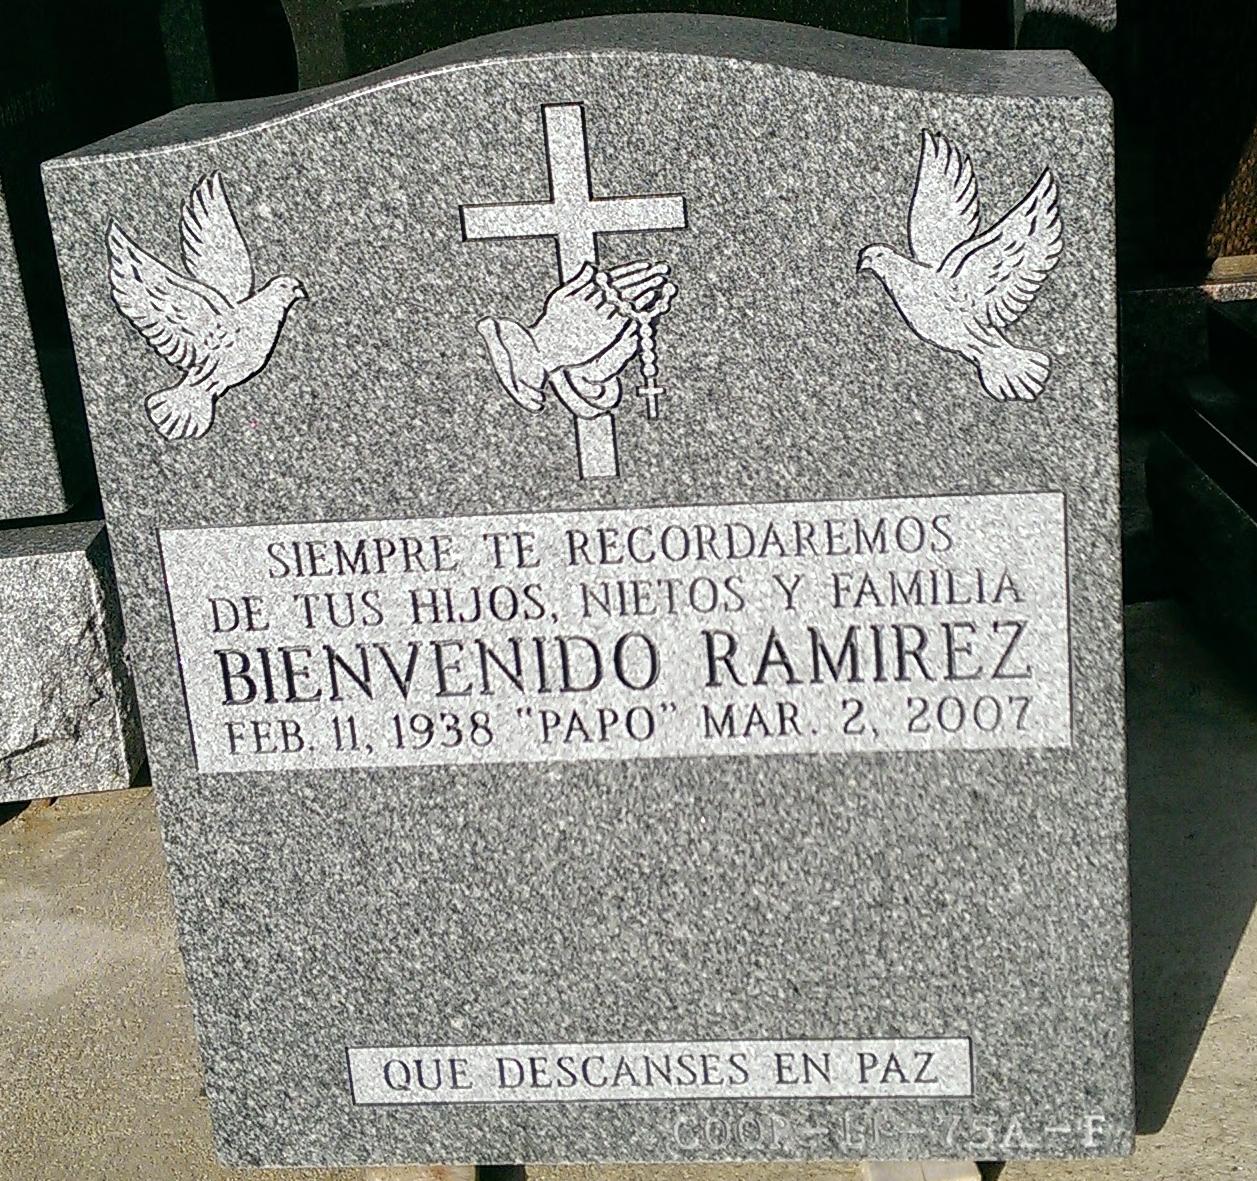 B. Ramierz